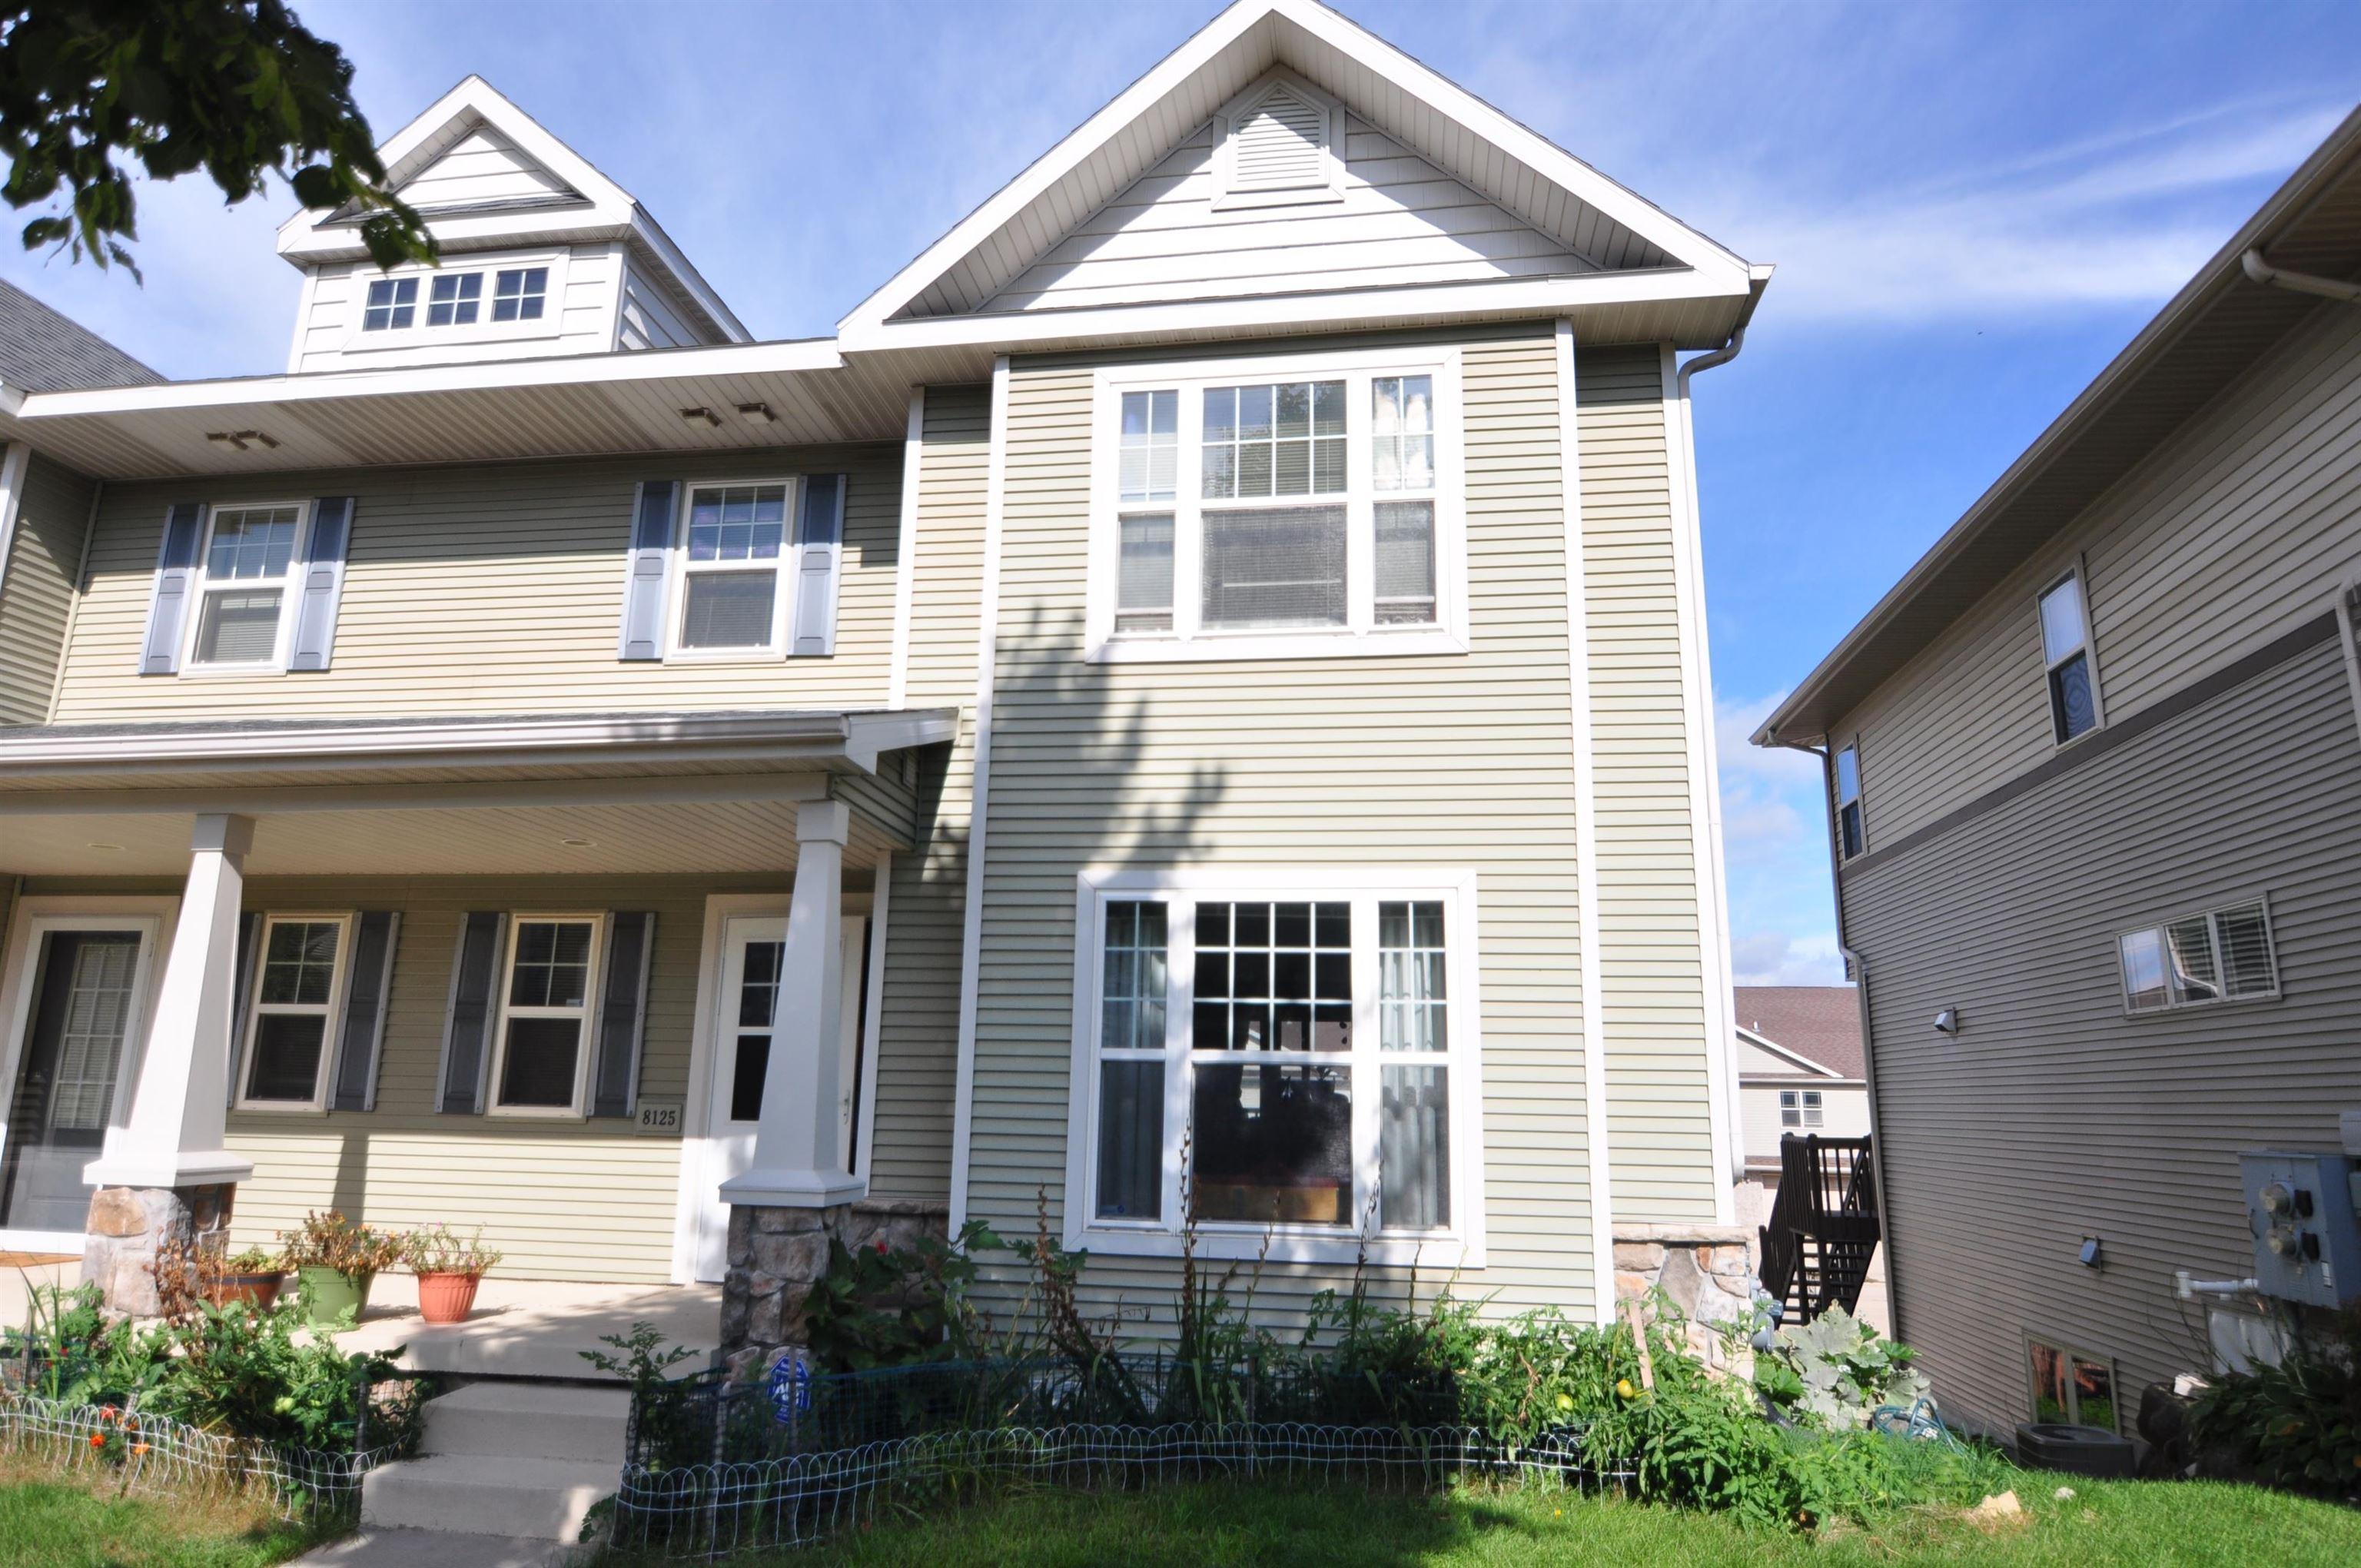 8125 Broadmoor St, Madison, Wisconsin 53719, 3 Bedrooms Bedrooms, ,Rental,For Sale,Broadmoor St,1919726